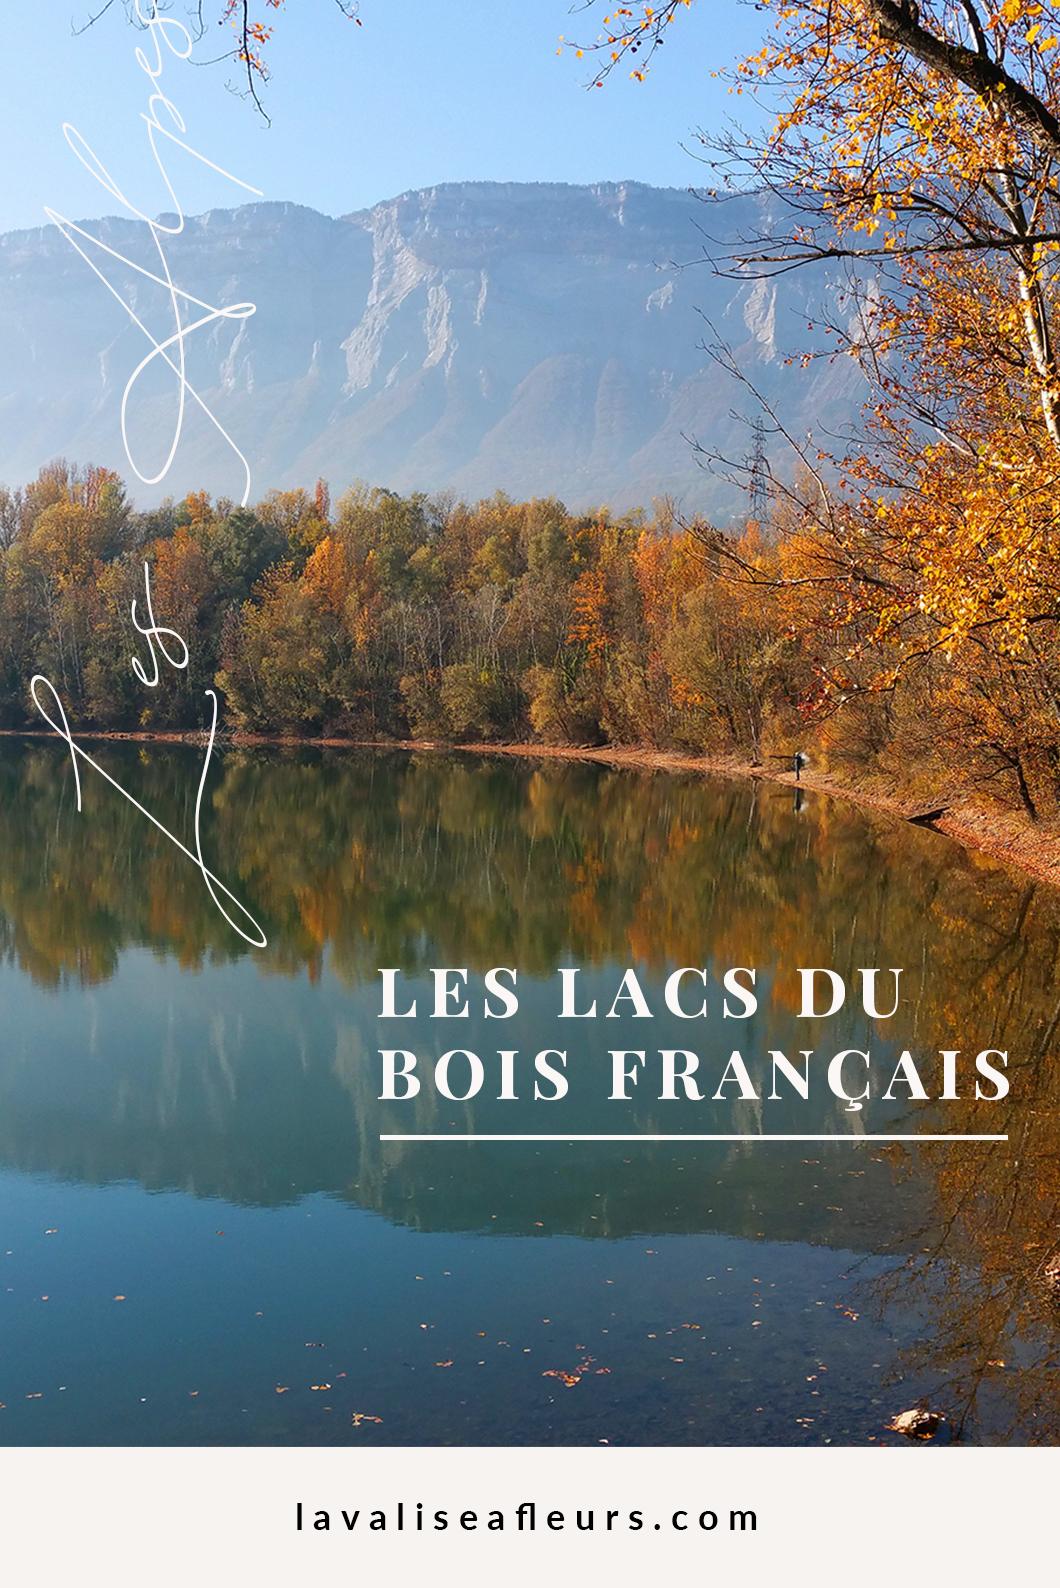 Lacs du bois français dans les Alpes